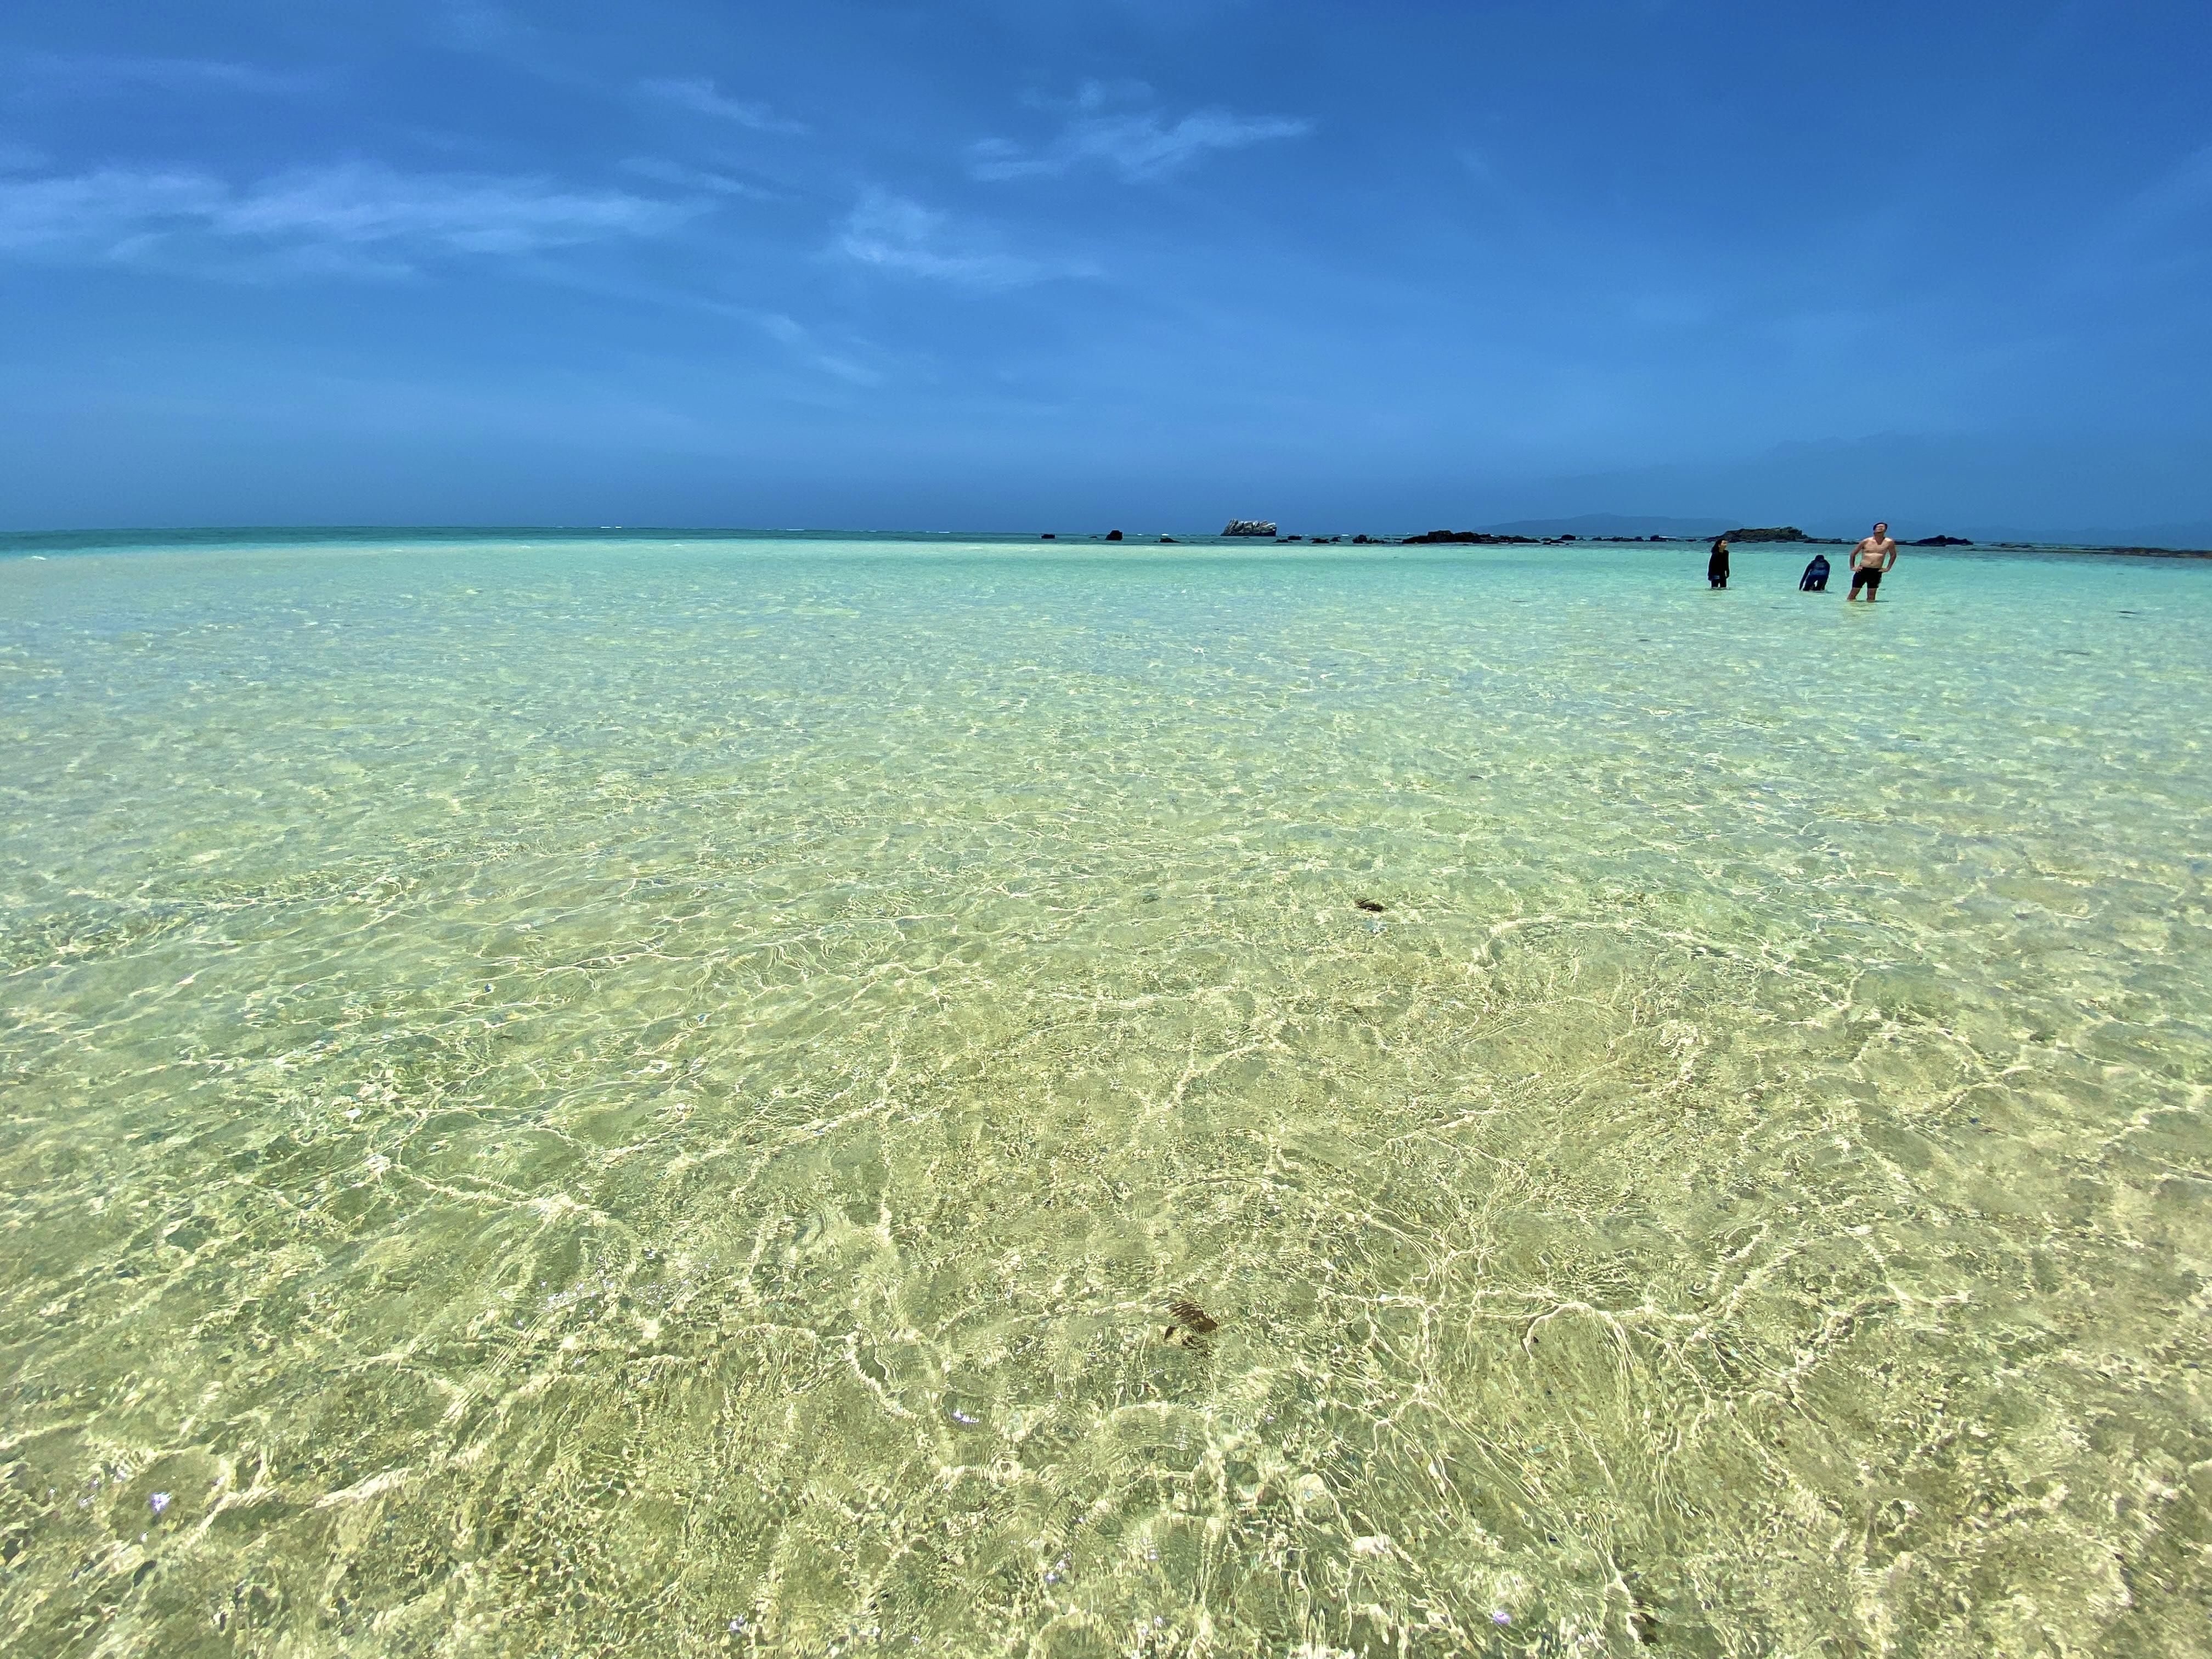 【リゾナーレ小浜島 宿泊ルポ|後編】幻の島、海上ラウンジ、日本最大珊瑚礁でのシュノーケルまで、最高のアクティビティを体験! 画像15